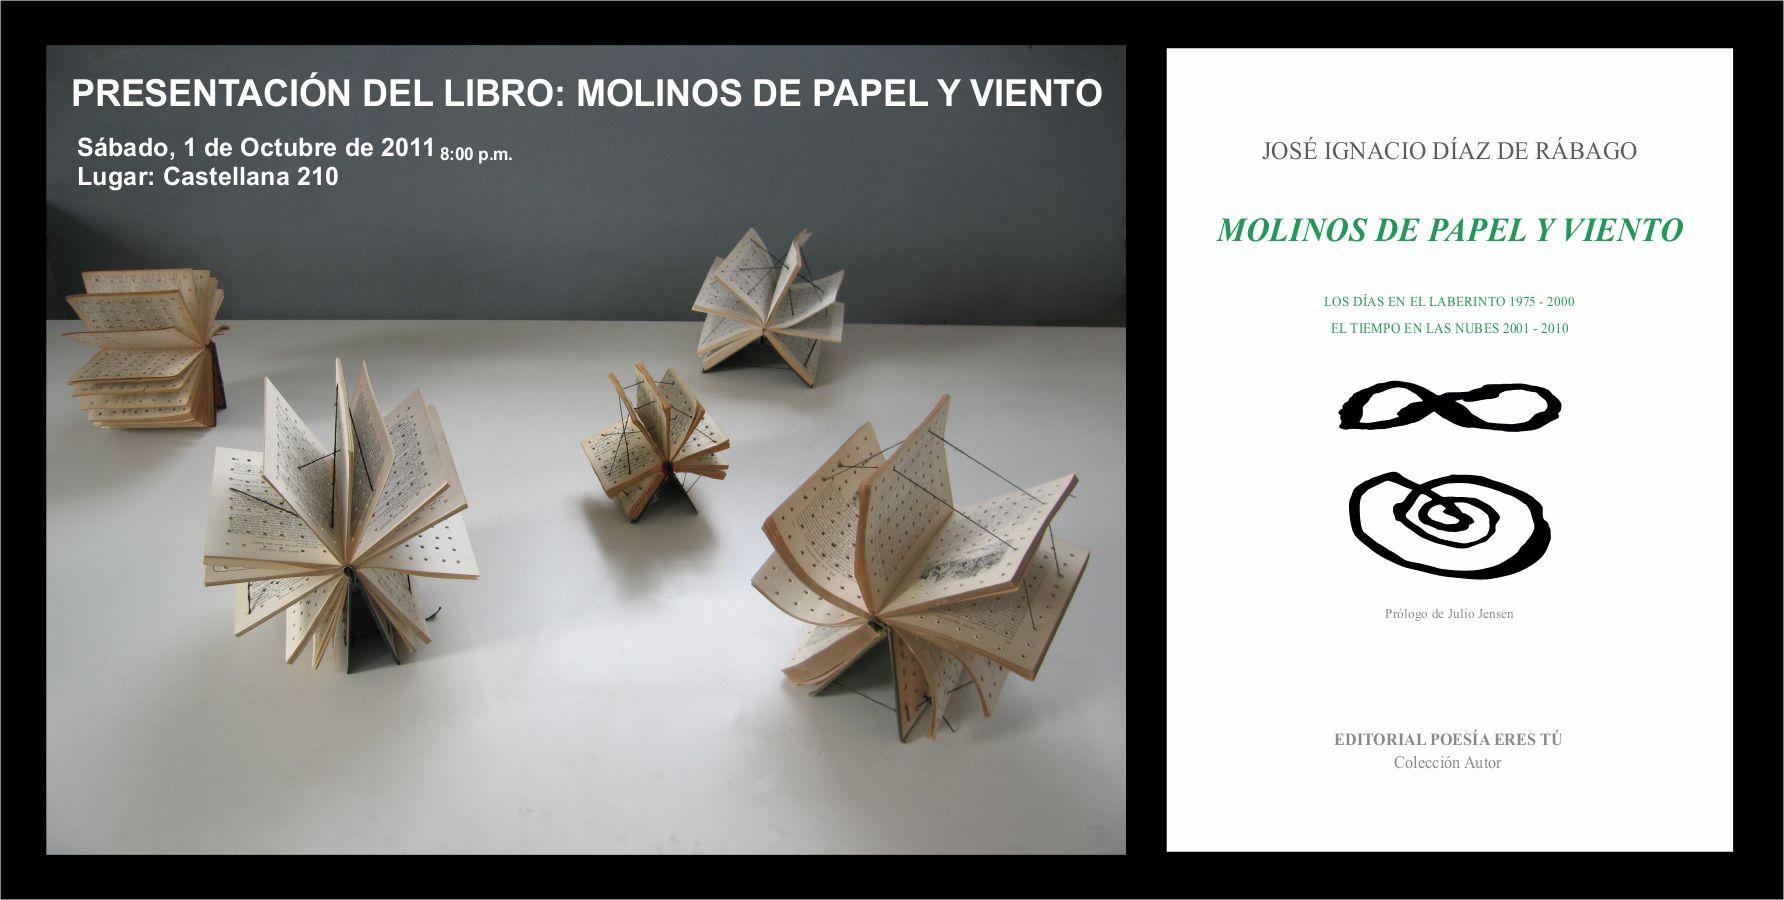 Presentación del libro Molinos de papel y viento de Ignacio Díaz de Rábago Presentación del libro Molinos de papel y viento de Ignacio Díaz de Rábago PresentacionMolinos